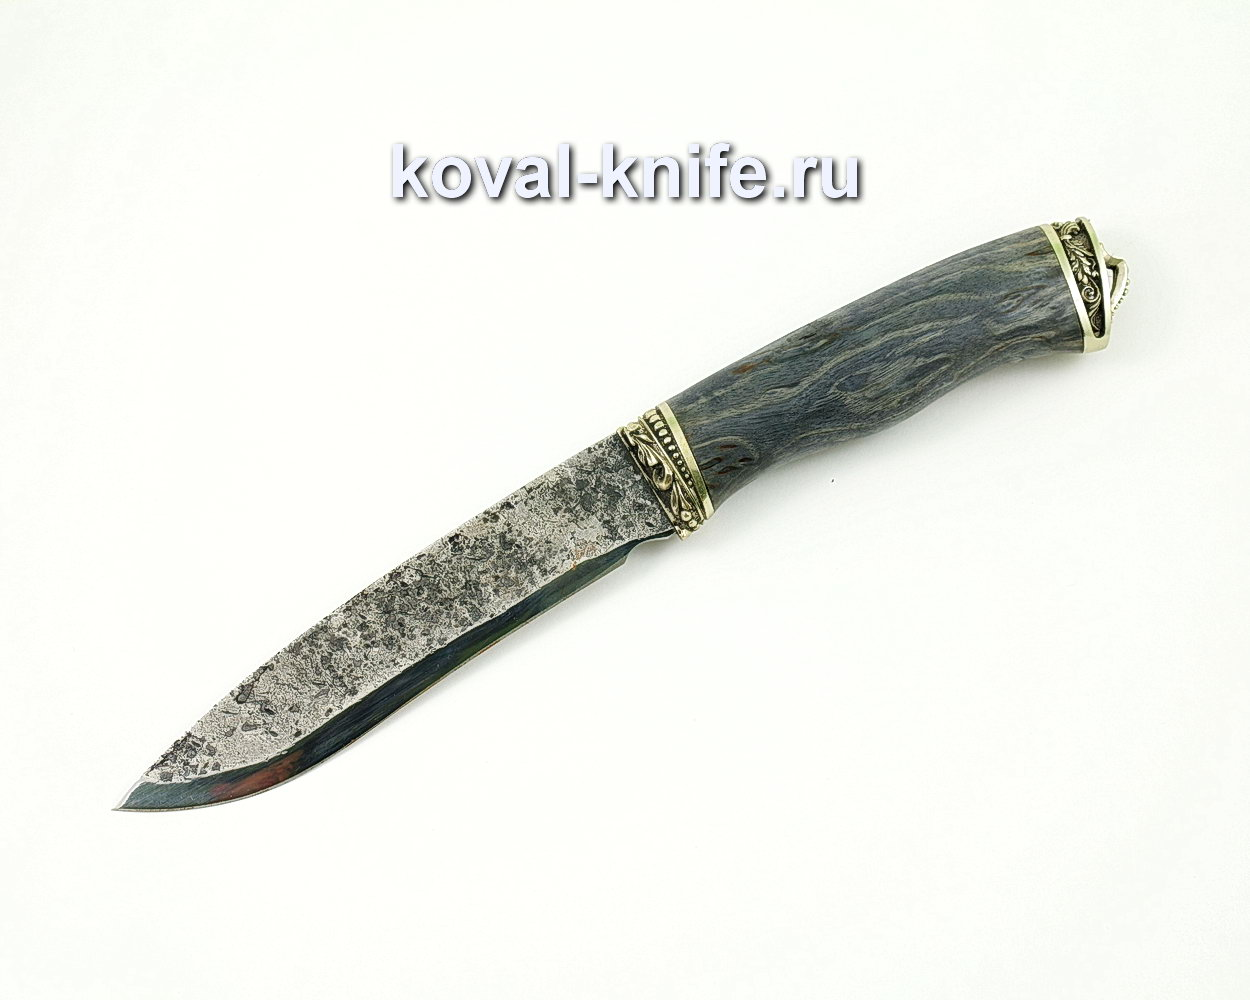 Нож Носорог из стали 9хс (рукоять карельская береза, литье) A398